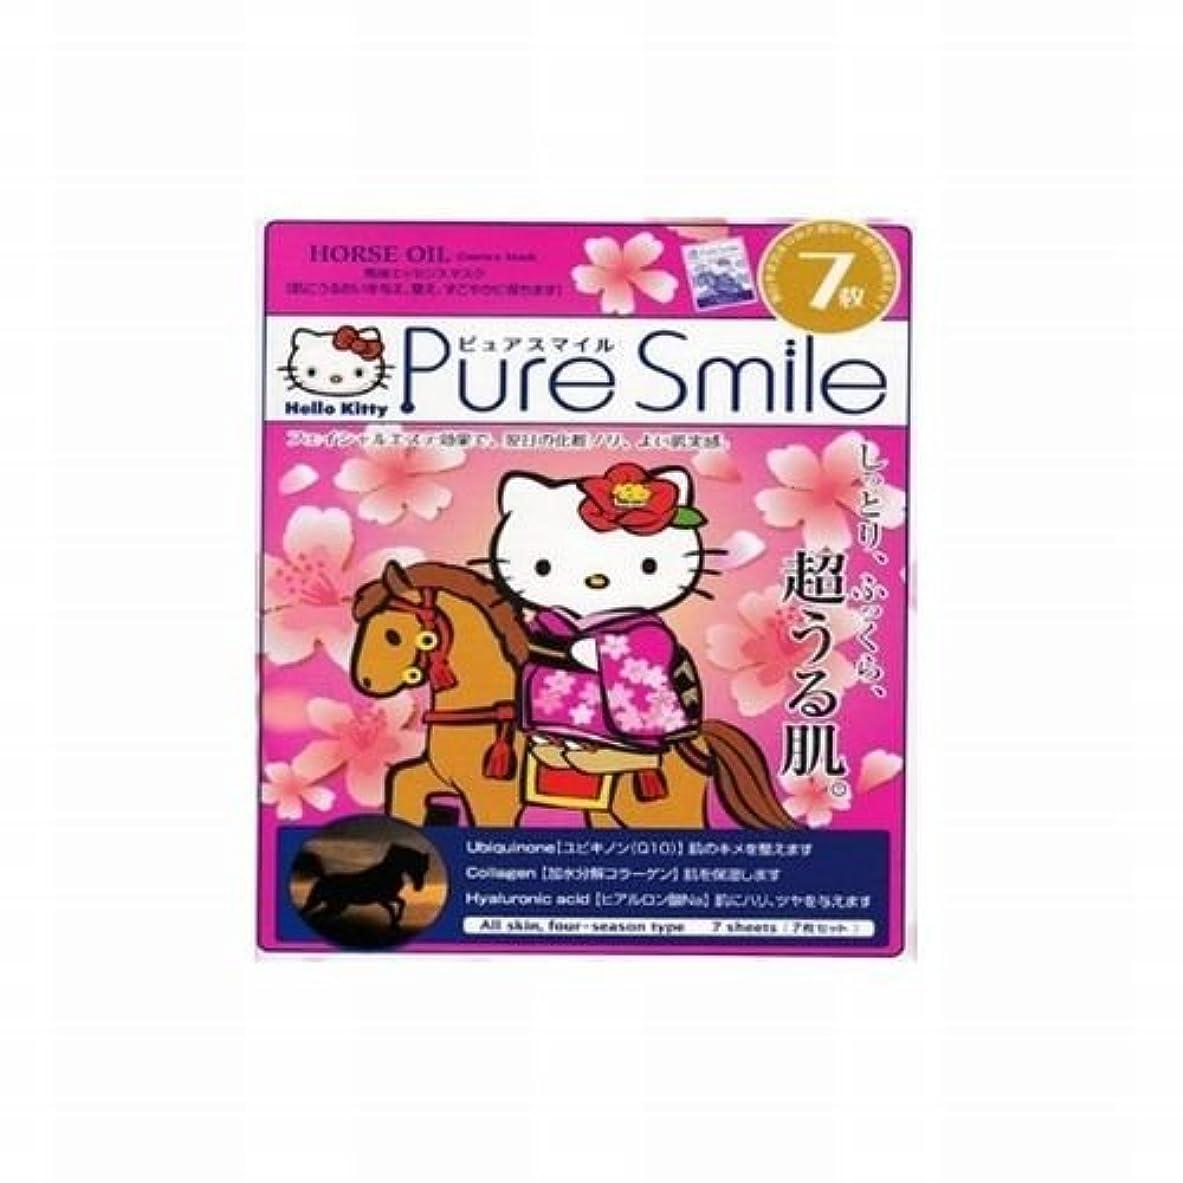 ストラップ不公平性交Hello Kitty ピュアスマイル 馬油エッセンスマスク 7枚セット KTS04